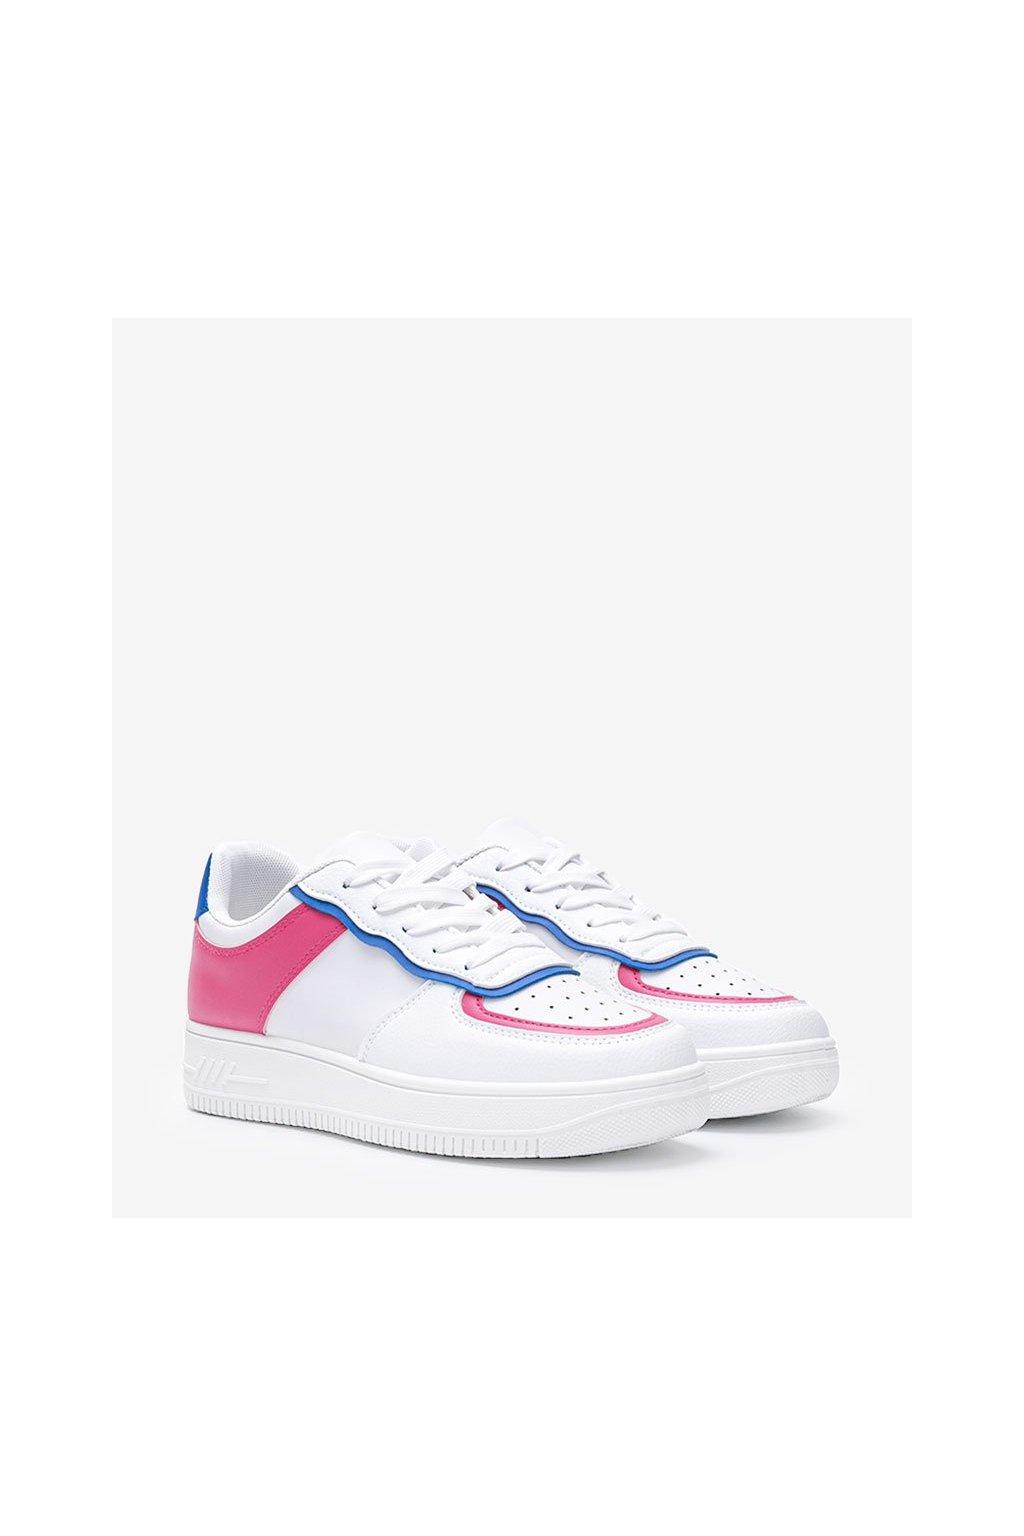 Dámske topánky tenisky ružové kód 1101 - GM